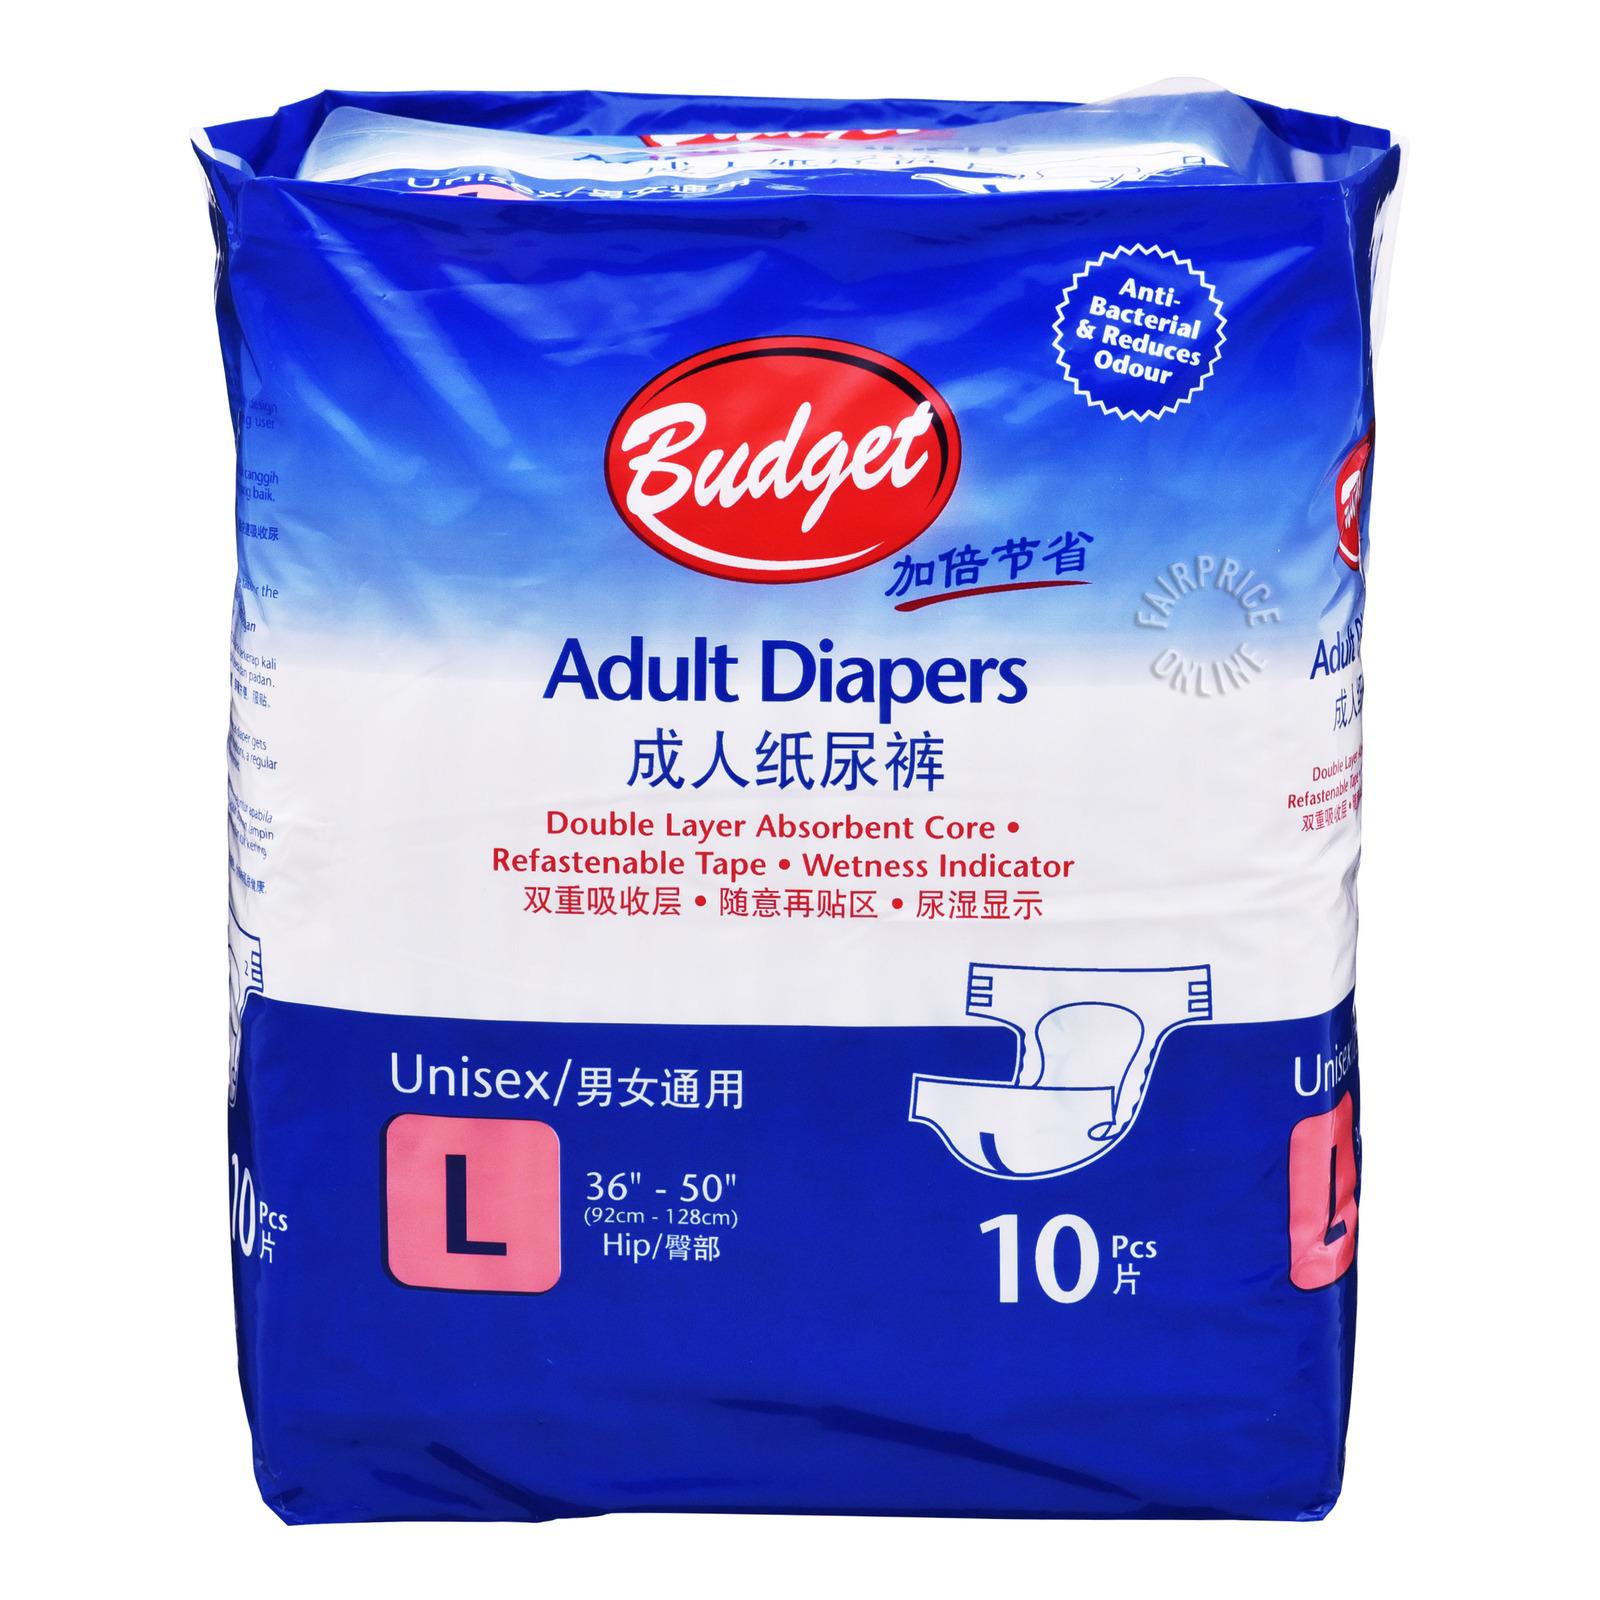 Budget Adult Diaper - L  (91.4 - 127cm)